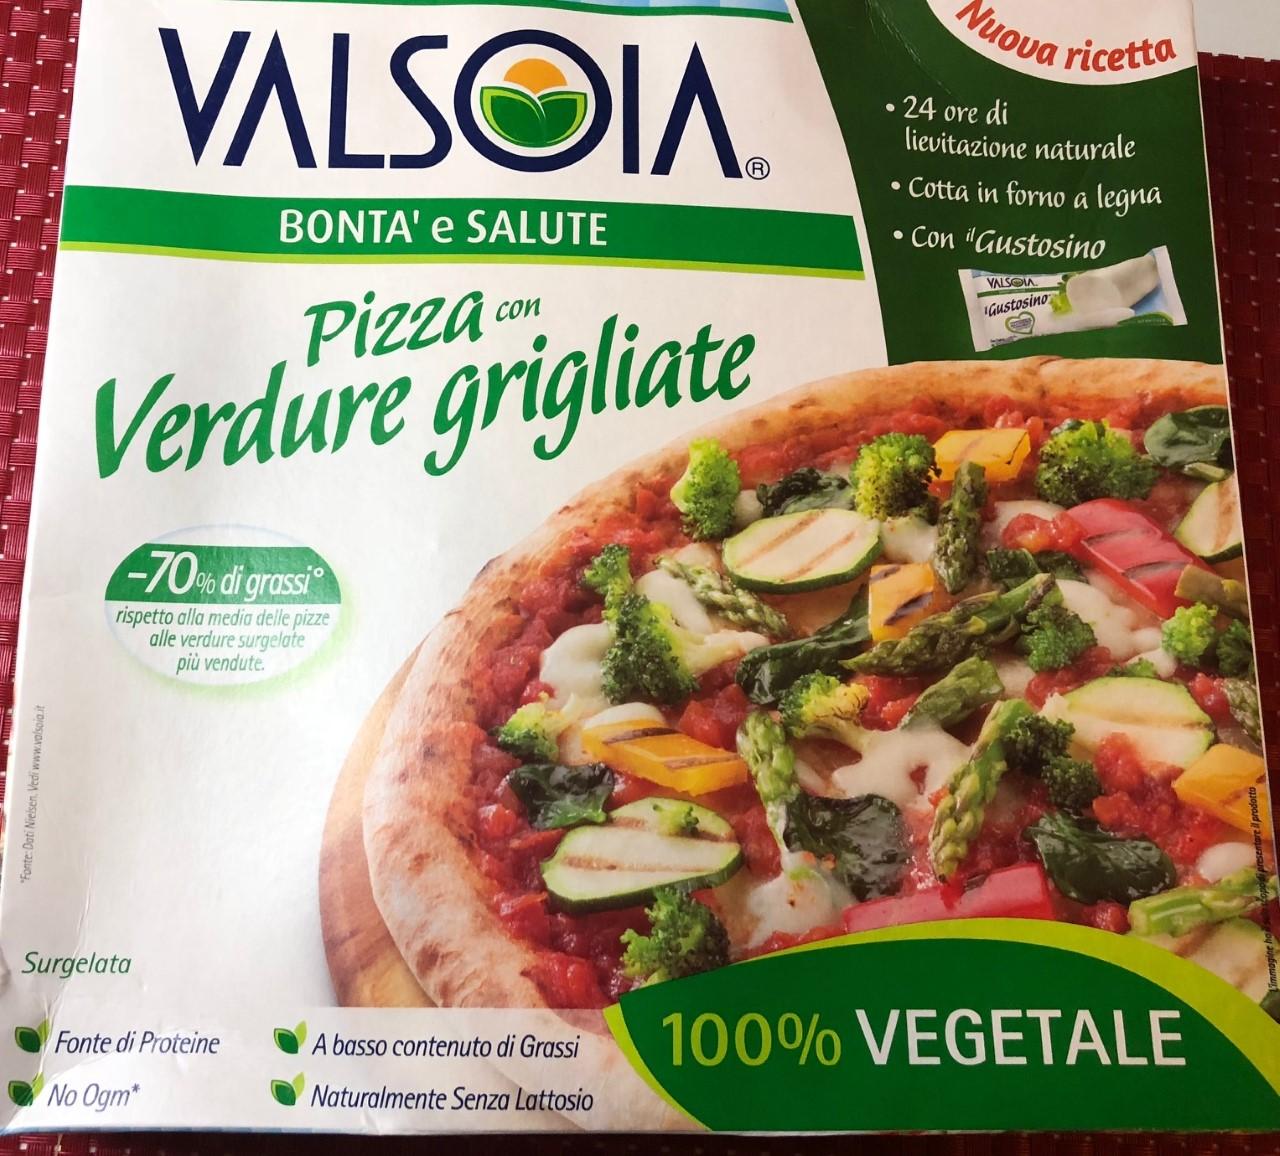 Pizza Valsoia alle verdure - lattosio 0% Image